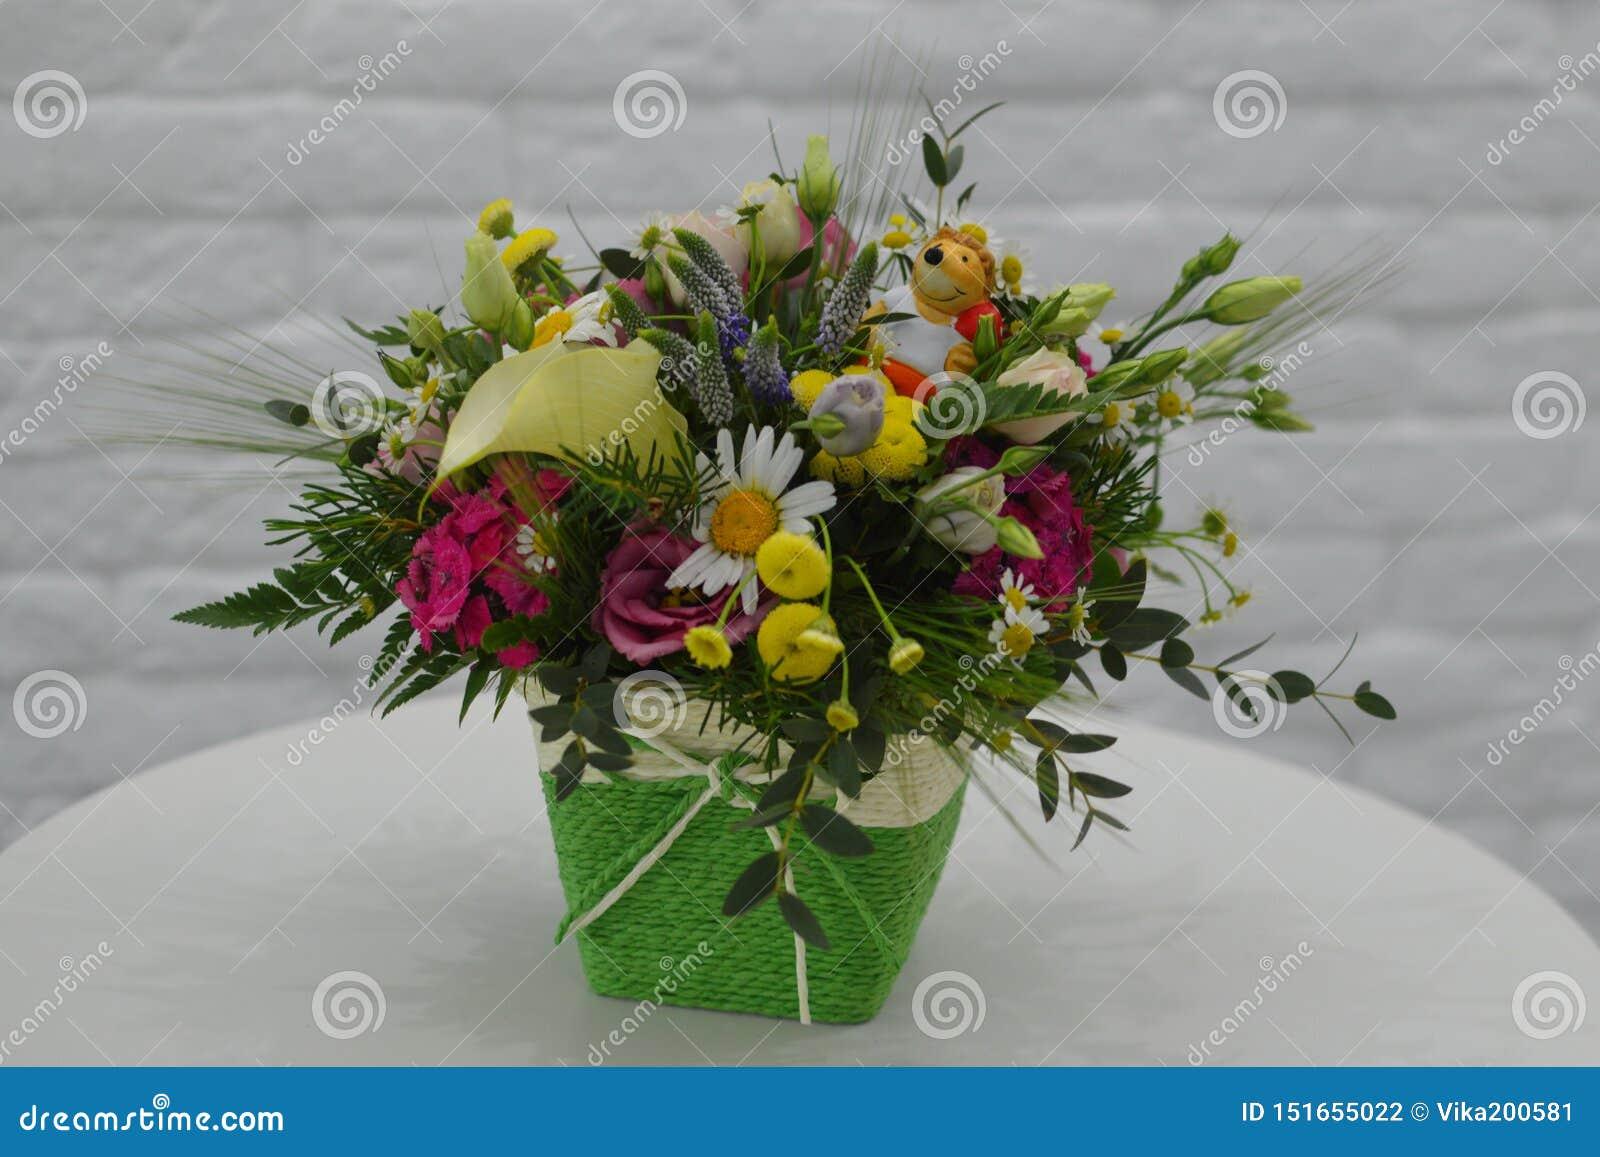 Gebiedsboeket van wilde bloemen in een doos